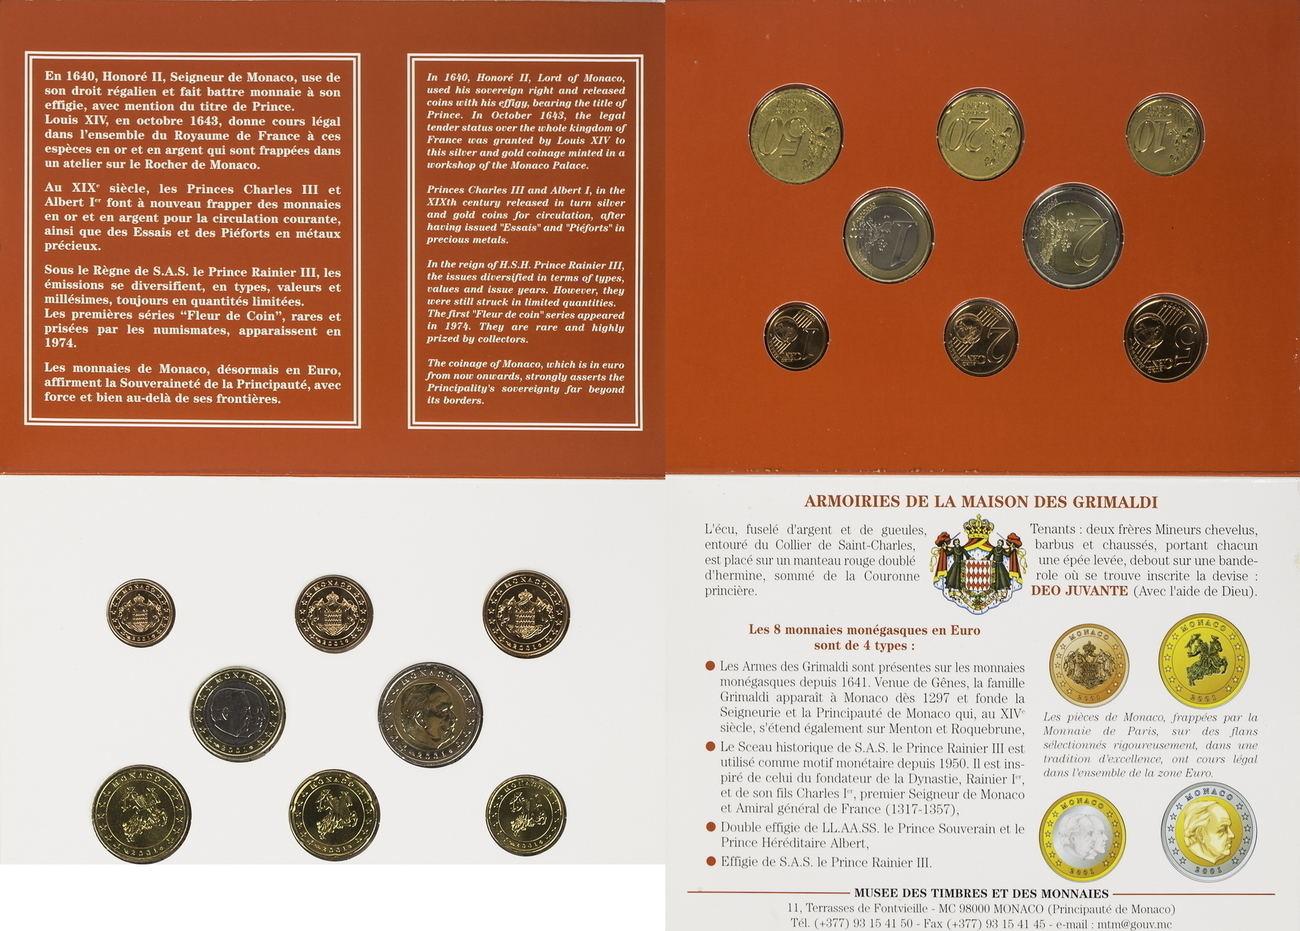 3 88 Euro 2001 Monaco Kursmunzensatz Bu In Blibuer Ma Shops